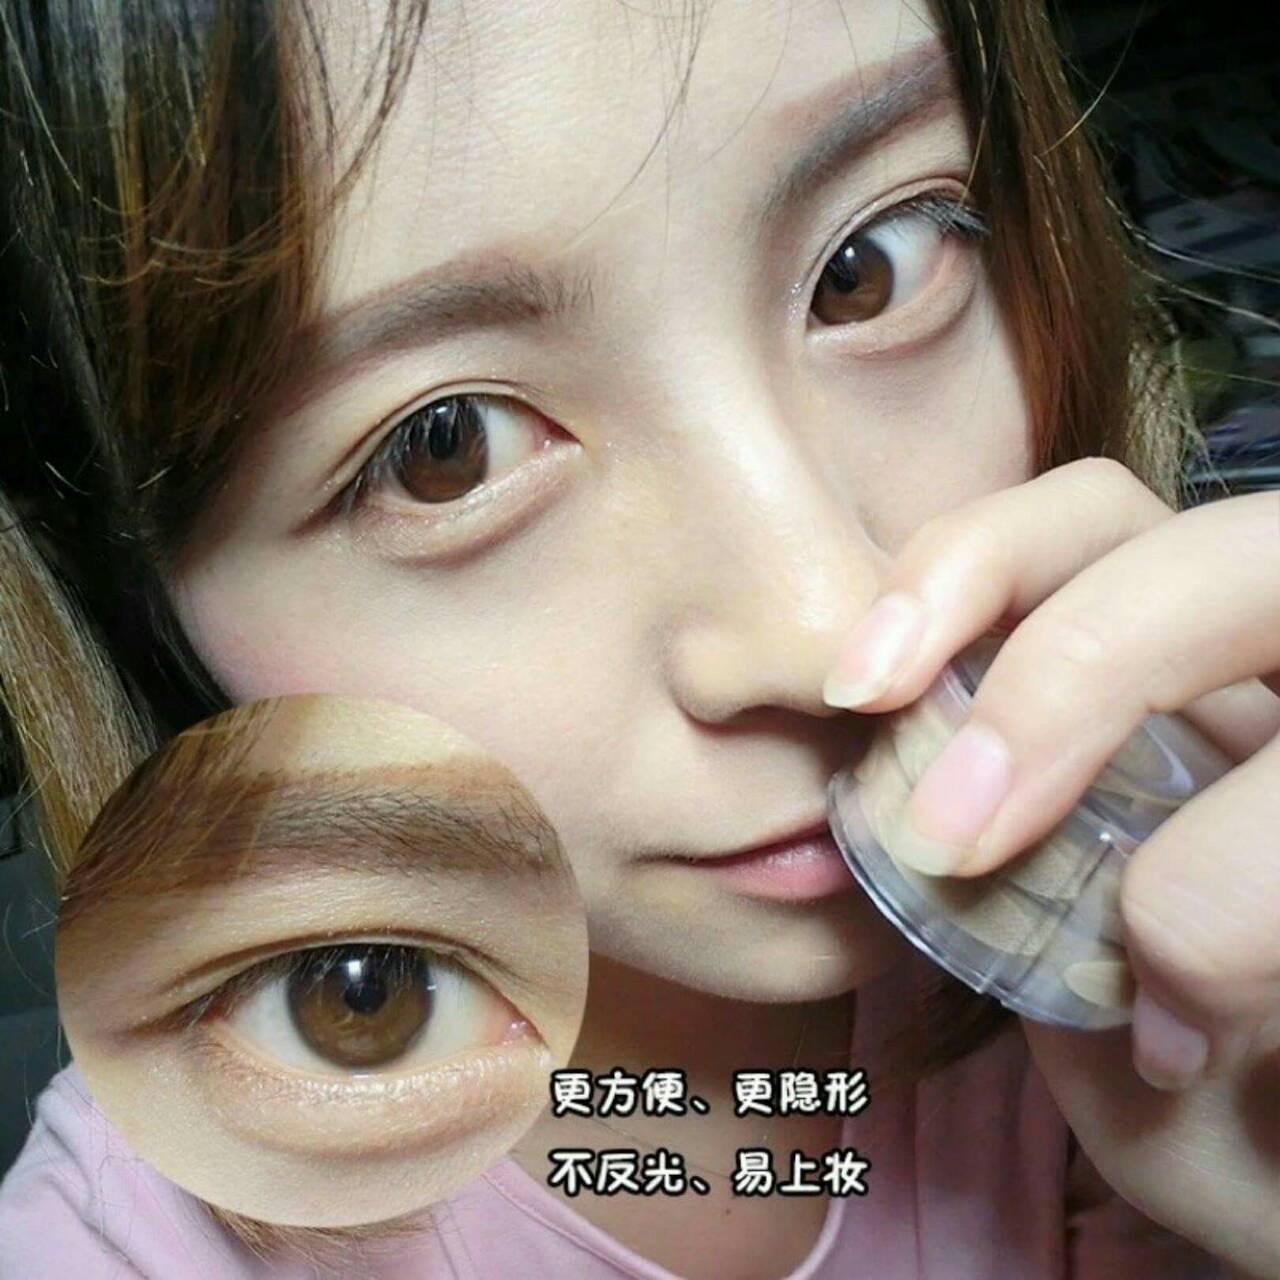 出清 隱形 雙眼皮貼 600入 卷筒蕾絲網狀雙眼皮貼/肉色無痕雙眼皮貼 300回 【規格】300回/一入裝(一捲)